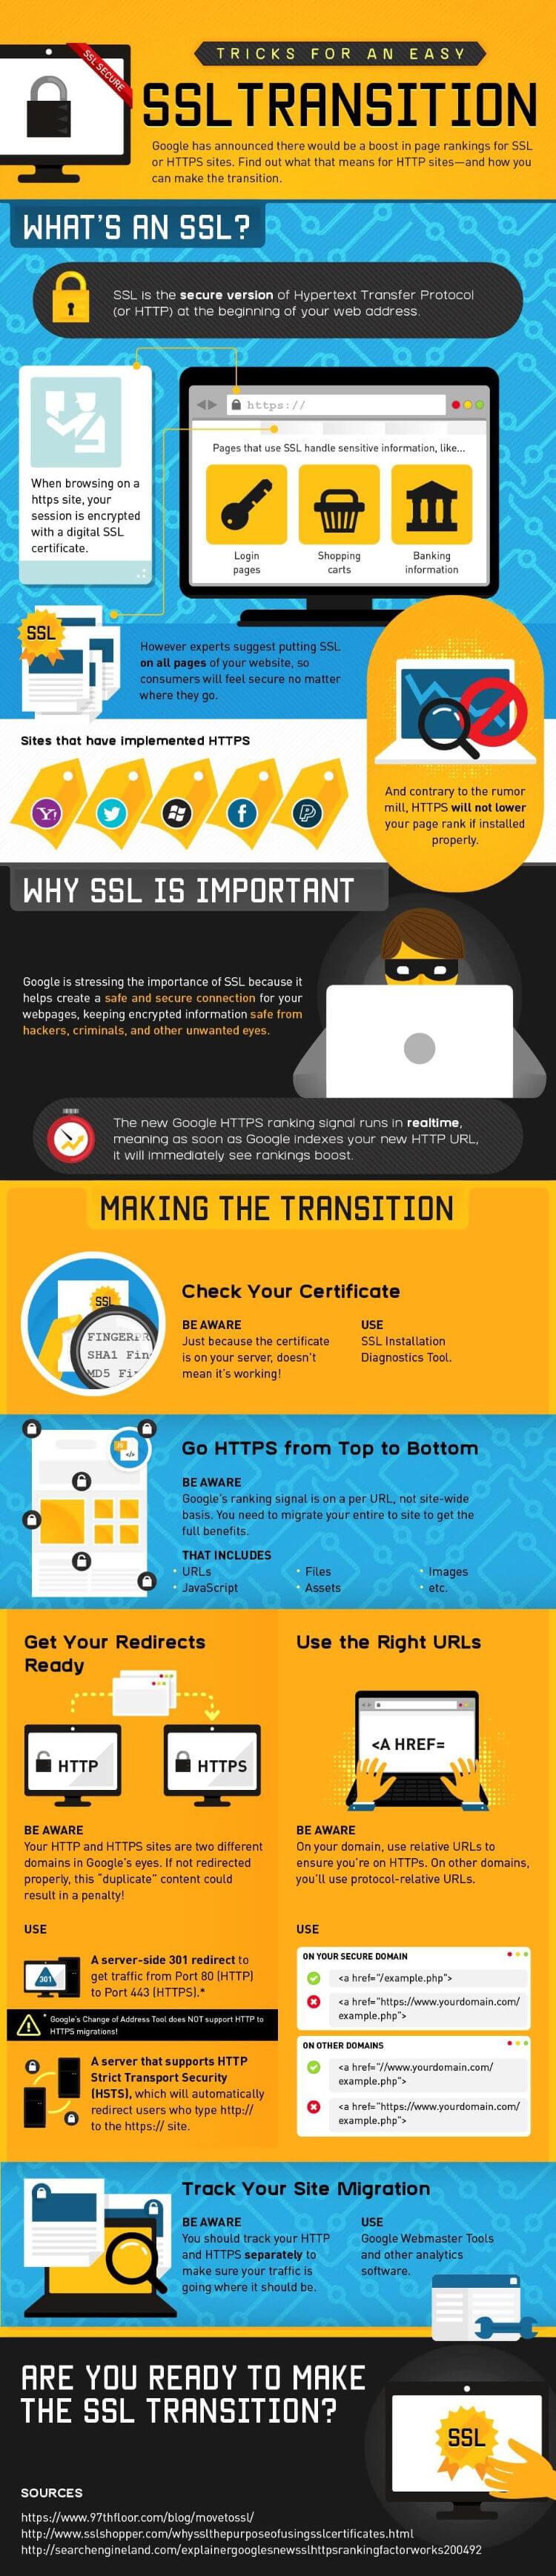 SSL-Transition